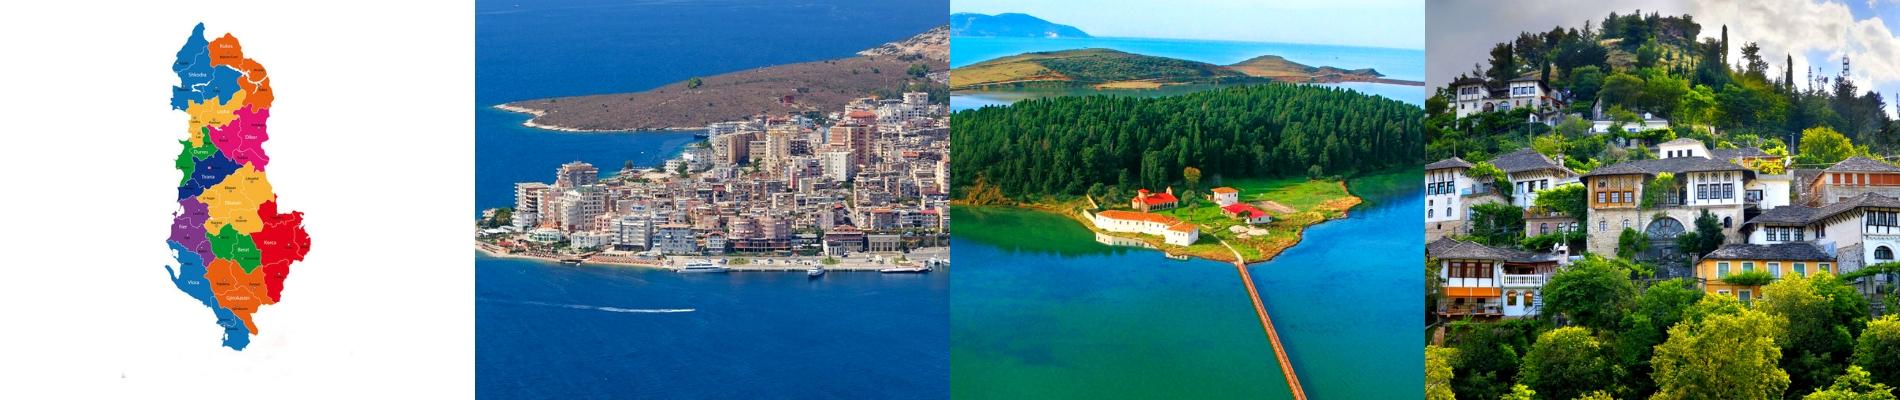 Pse të huajt duhet të blenë prona per shitje ne Shqiperi